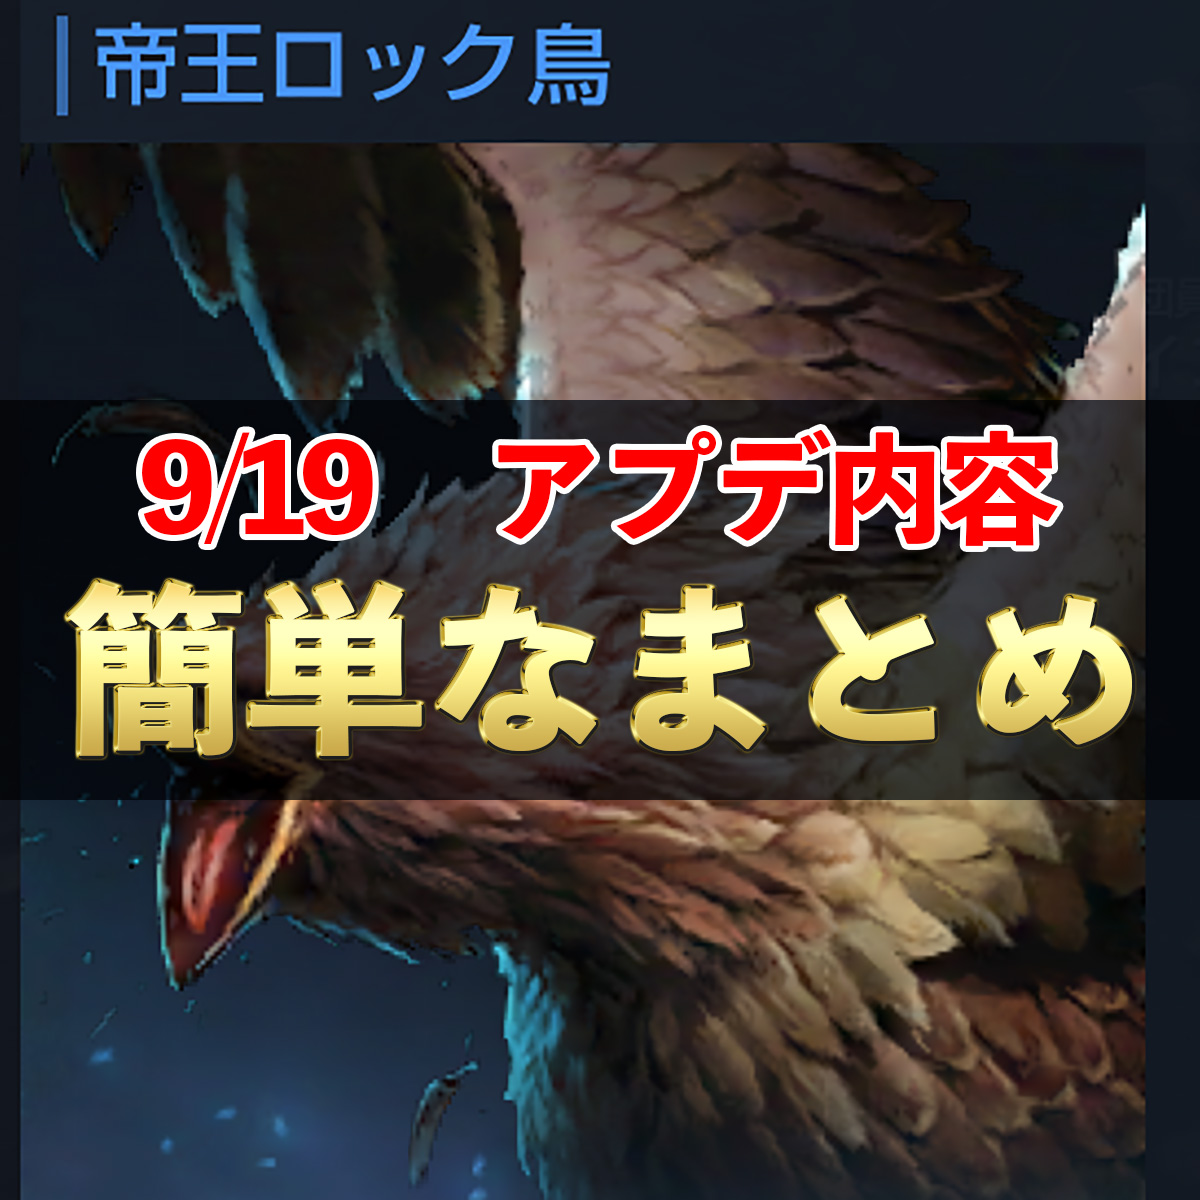 9/19アップデートまとめ